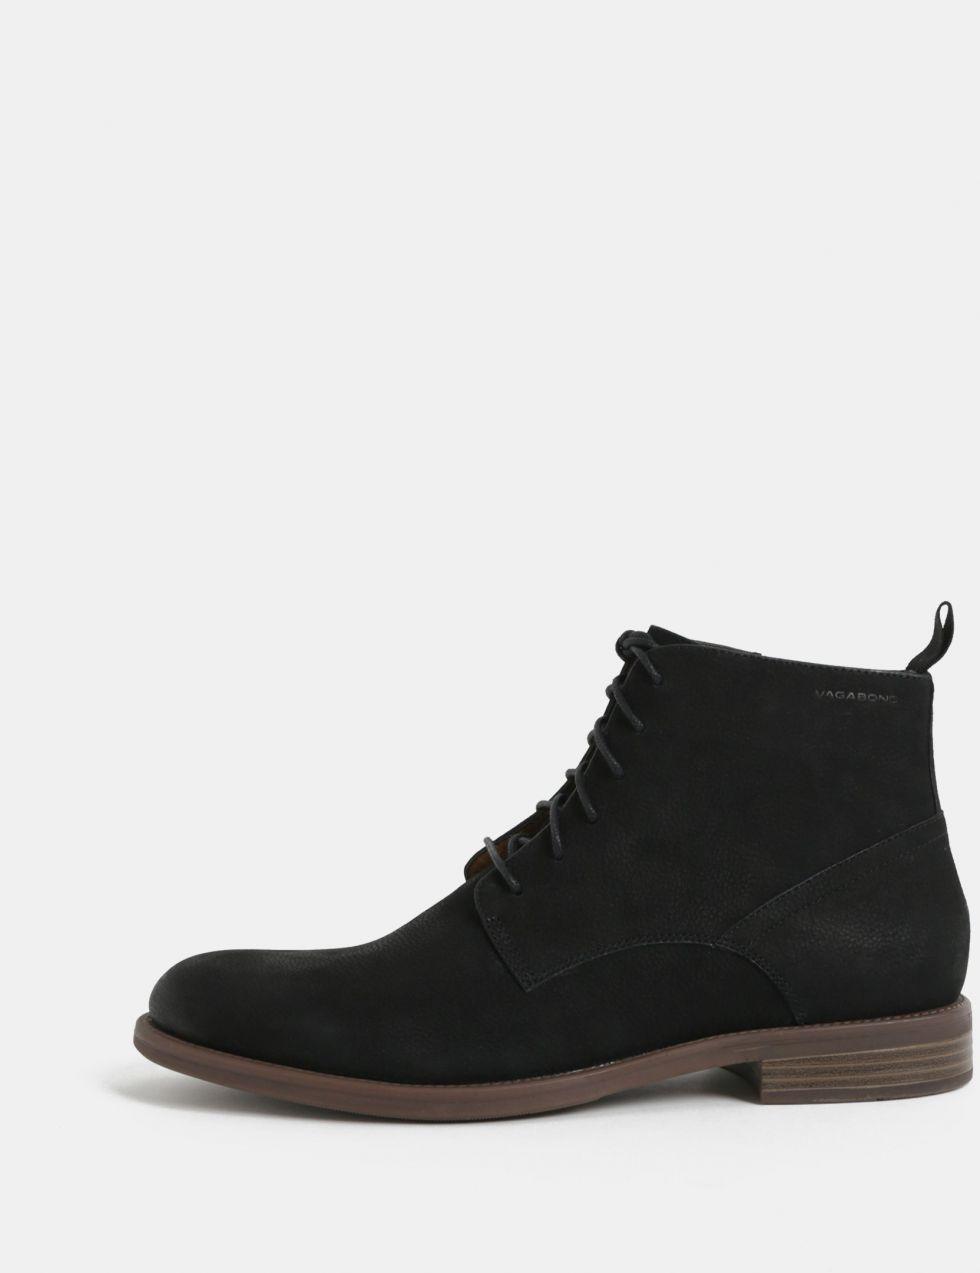 de2c23670a Čierne pánske kožené členkové topánky Vagabond Salvatore značky Vagabond -  Lovely.sk